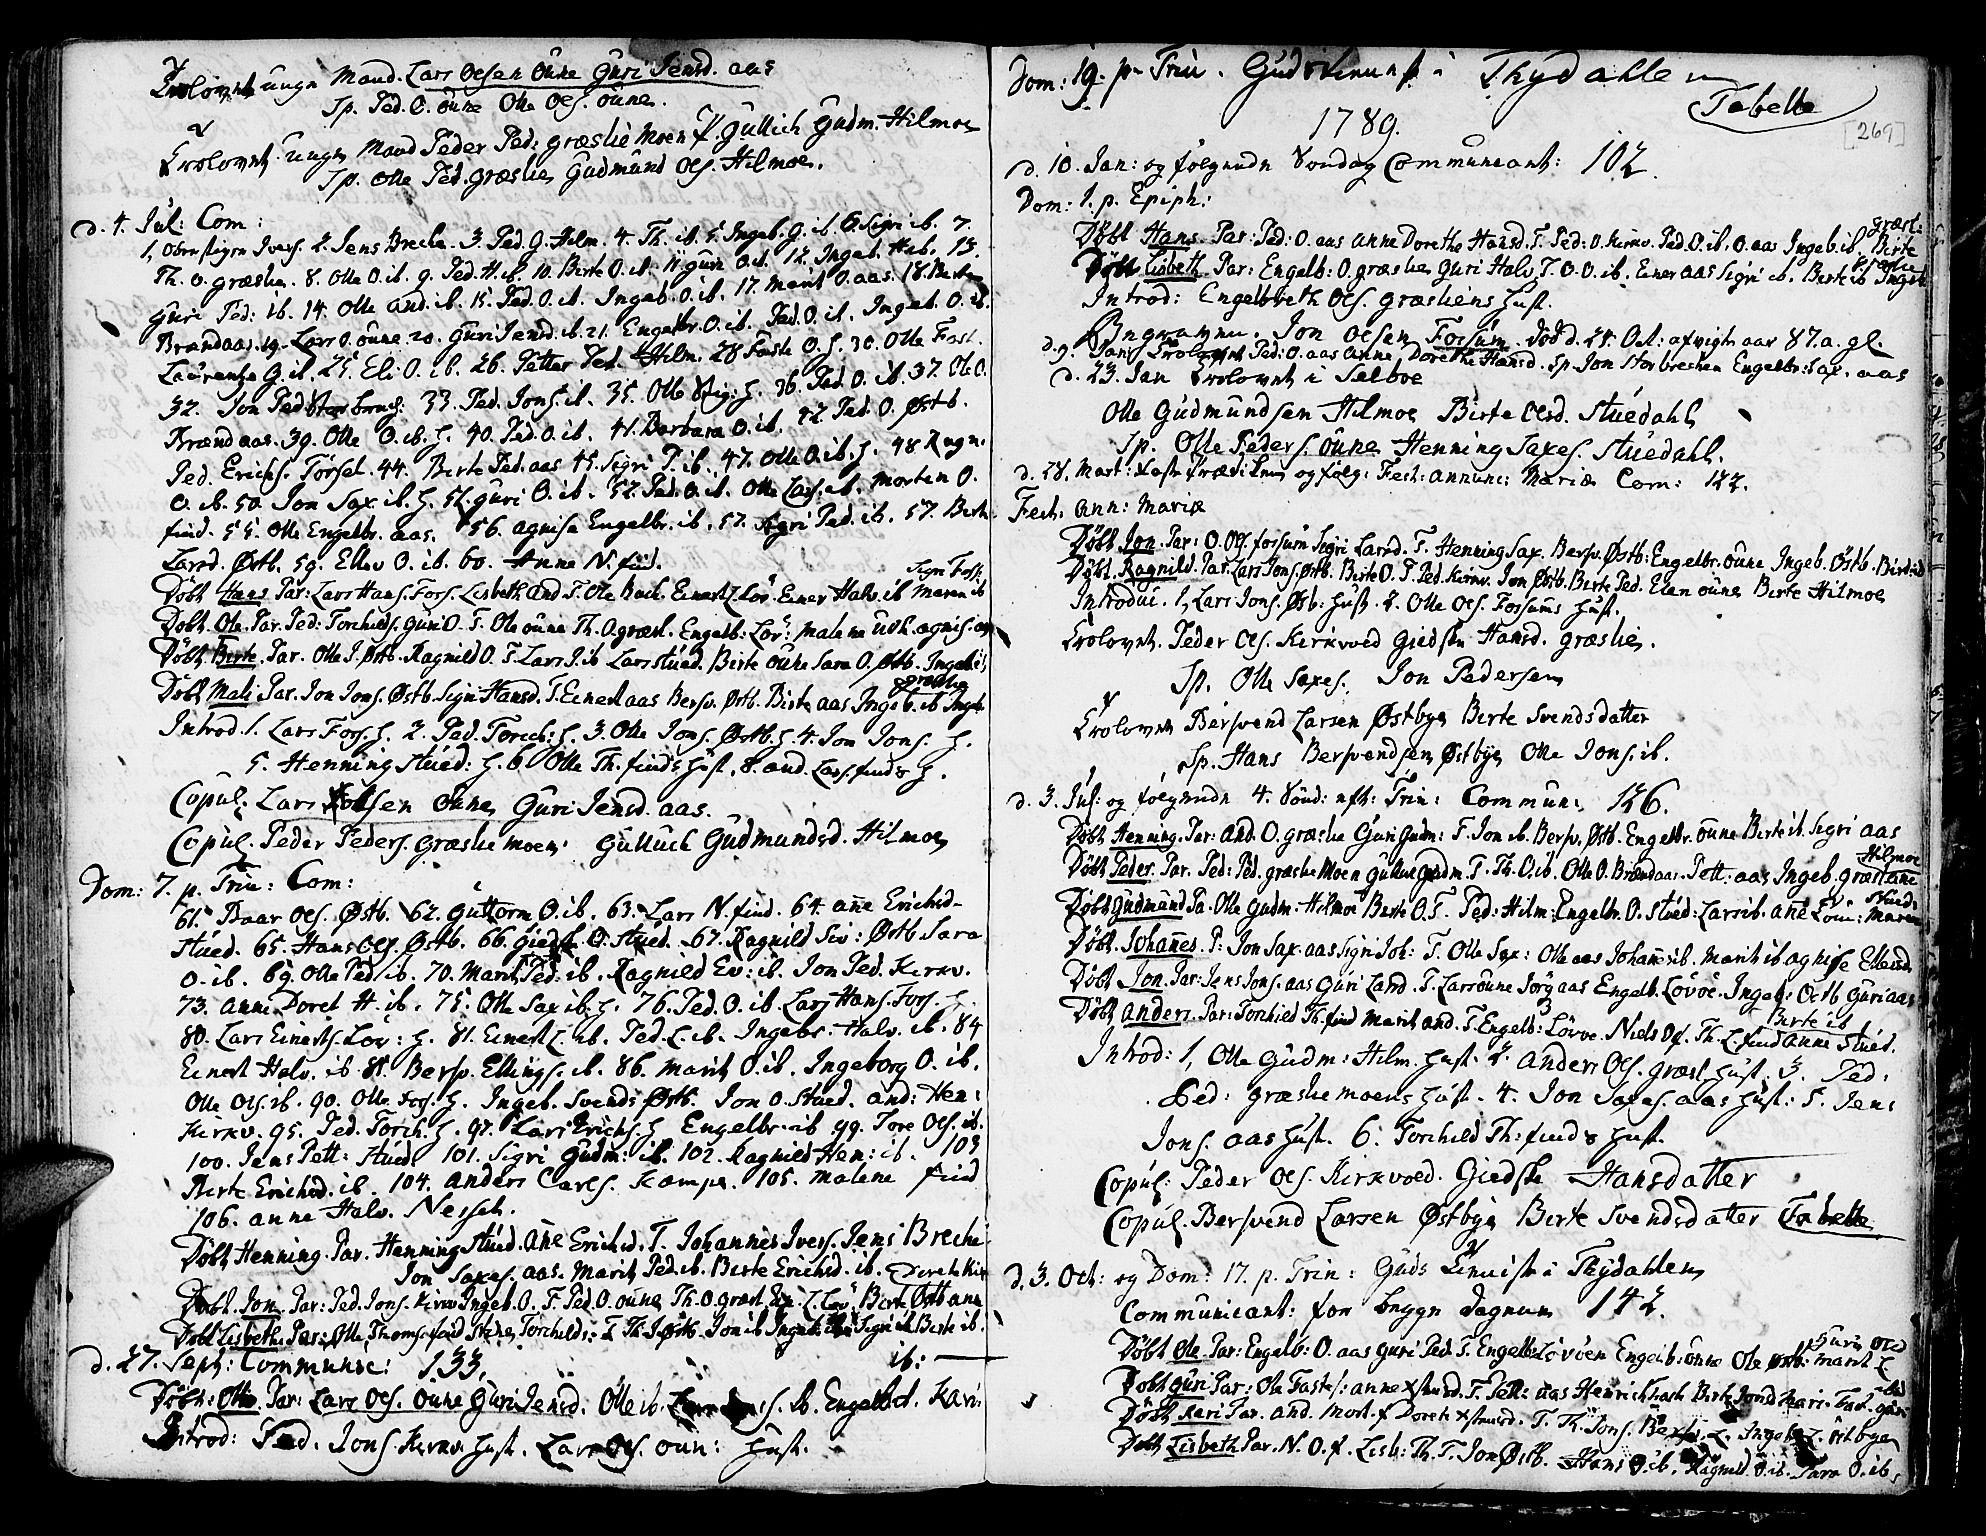 SAT, Ministerialprotokoller, klokkerbøker og fødselsregistre - Sør-Trøndelag, 695/L1139: Ministerialbok nr. 695A02 /2, 1776-1790, s. 269